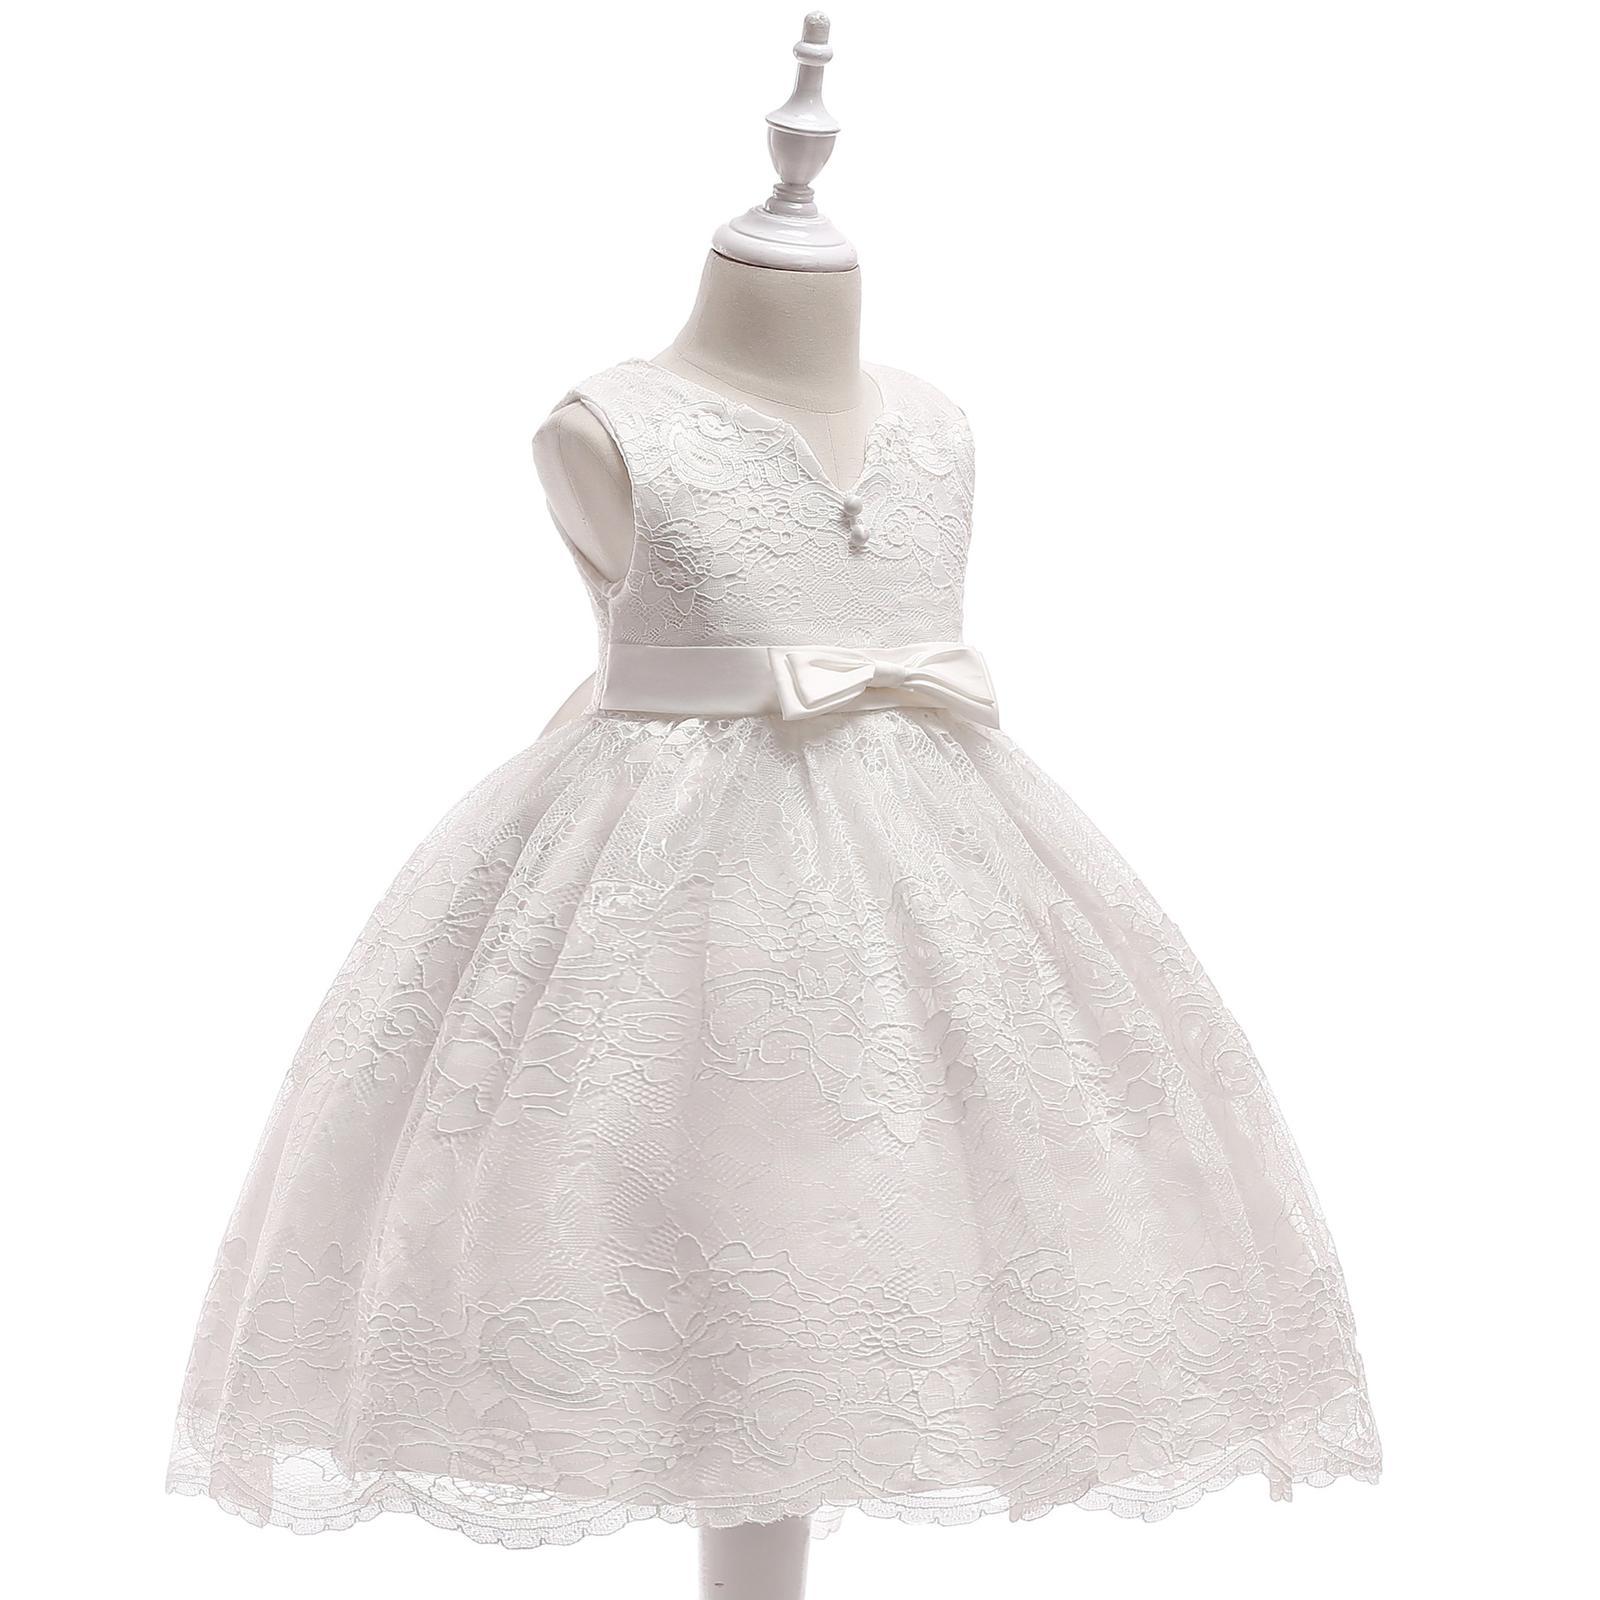 Detské šaty L5020 - skladom - Obrázok č. 2